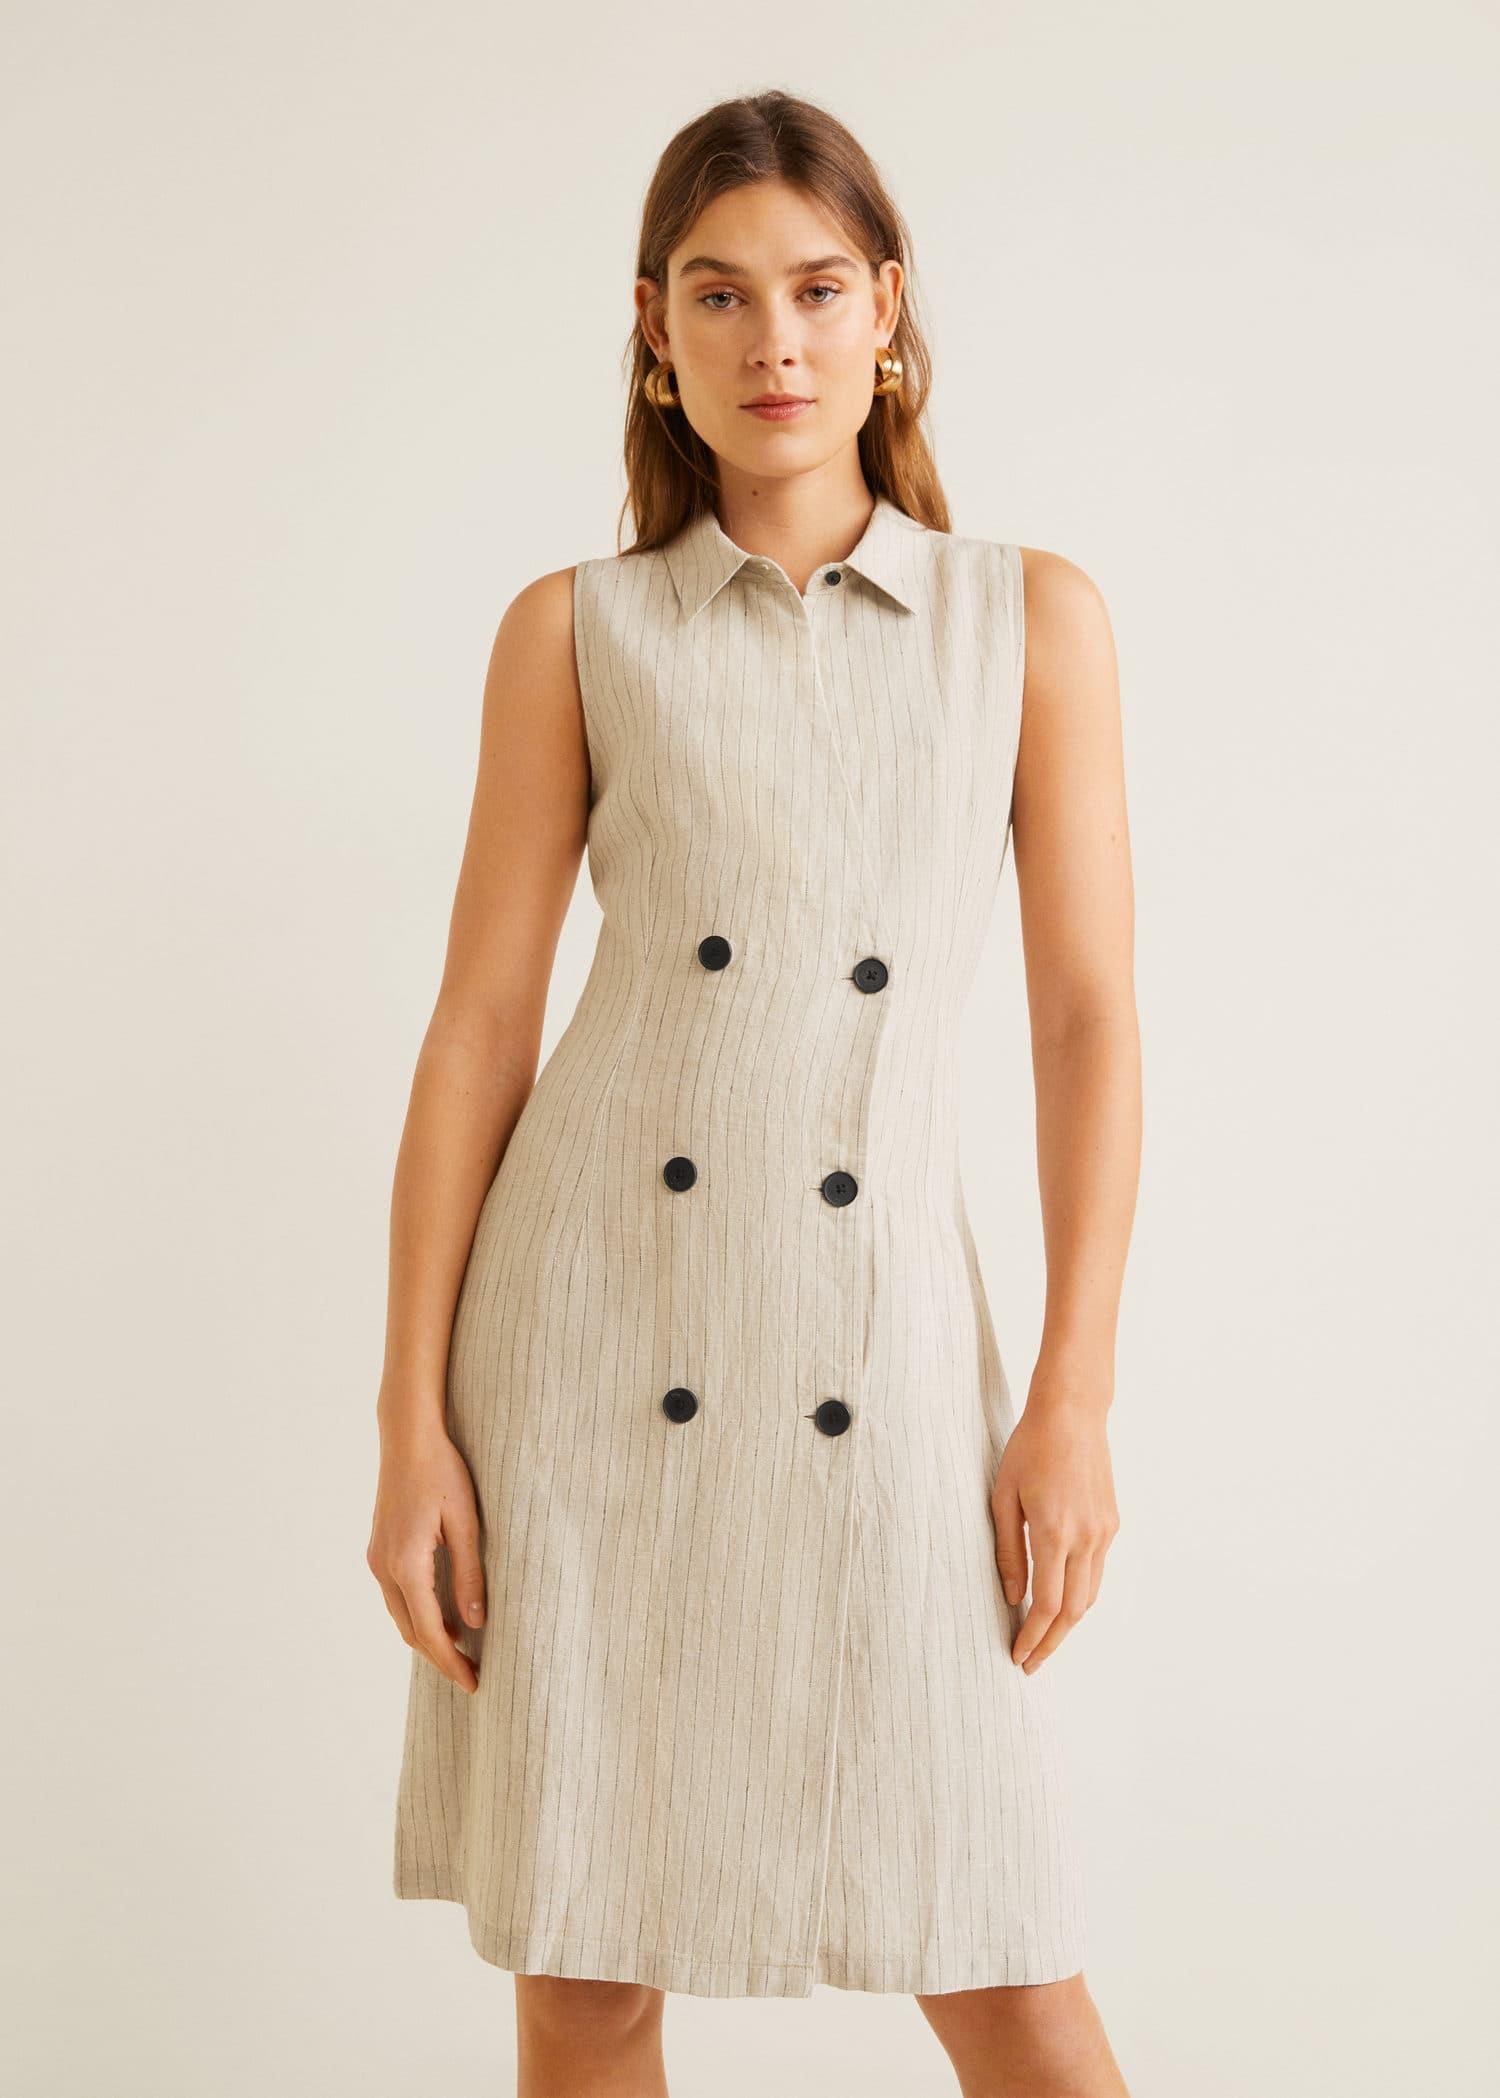 Comprar vestido blanco verano